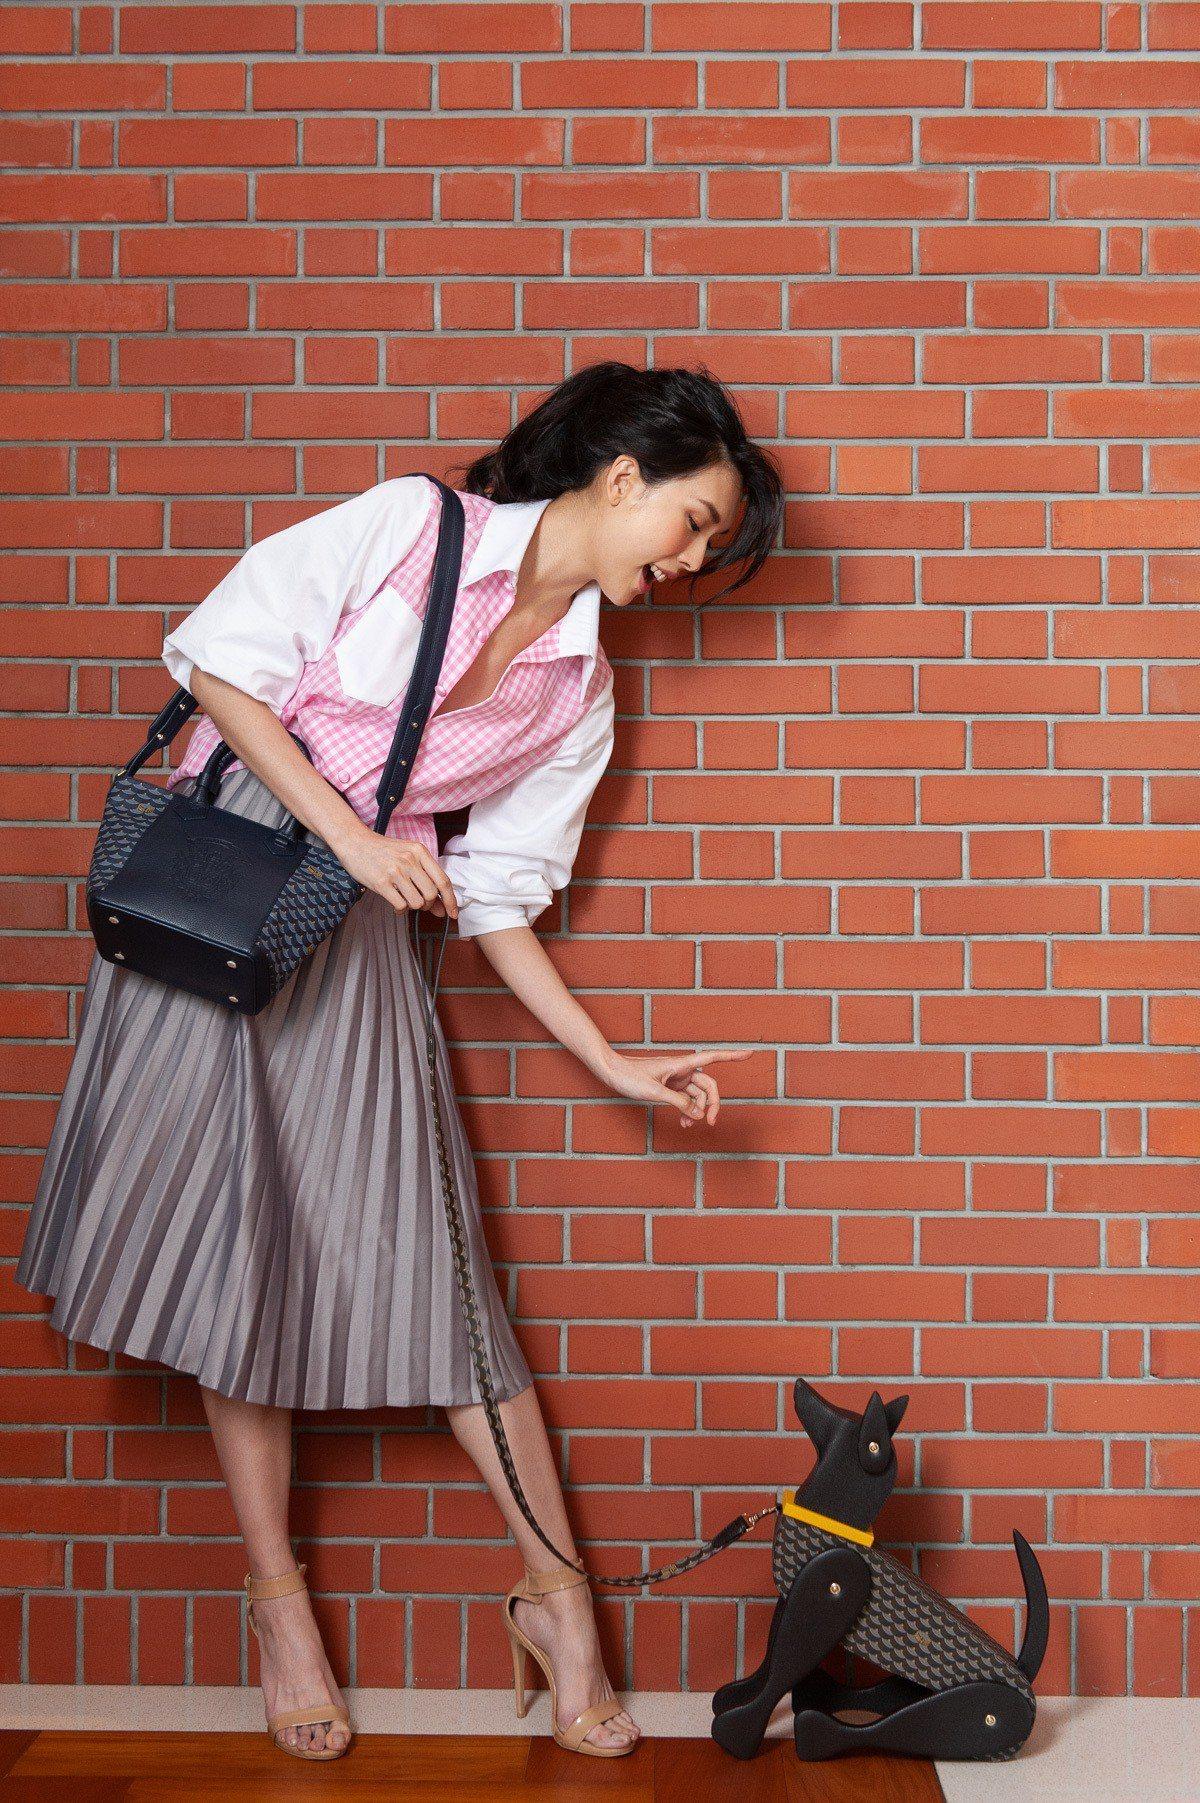 品牌的狗、獅子家飾可以任意更換姿勢,營造生活趣味感。圖/FAURÉ LE PAG...